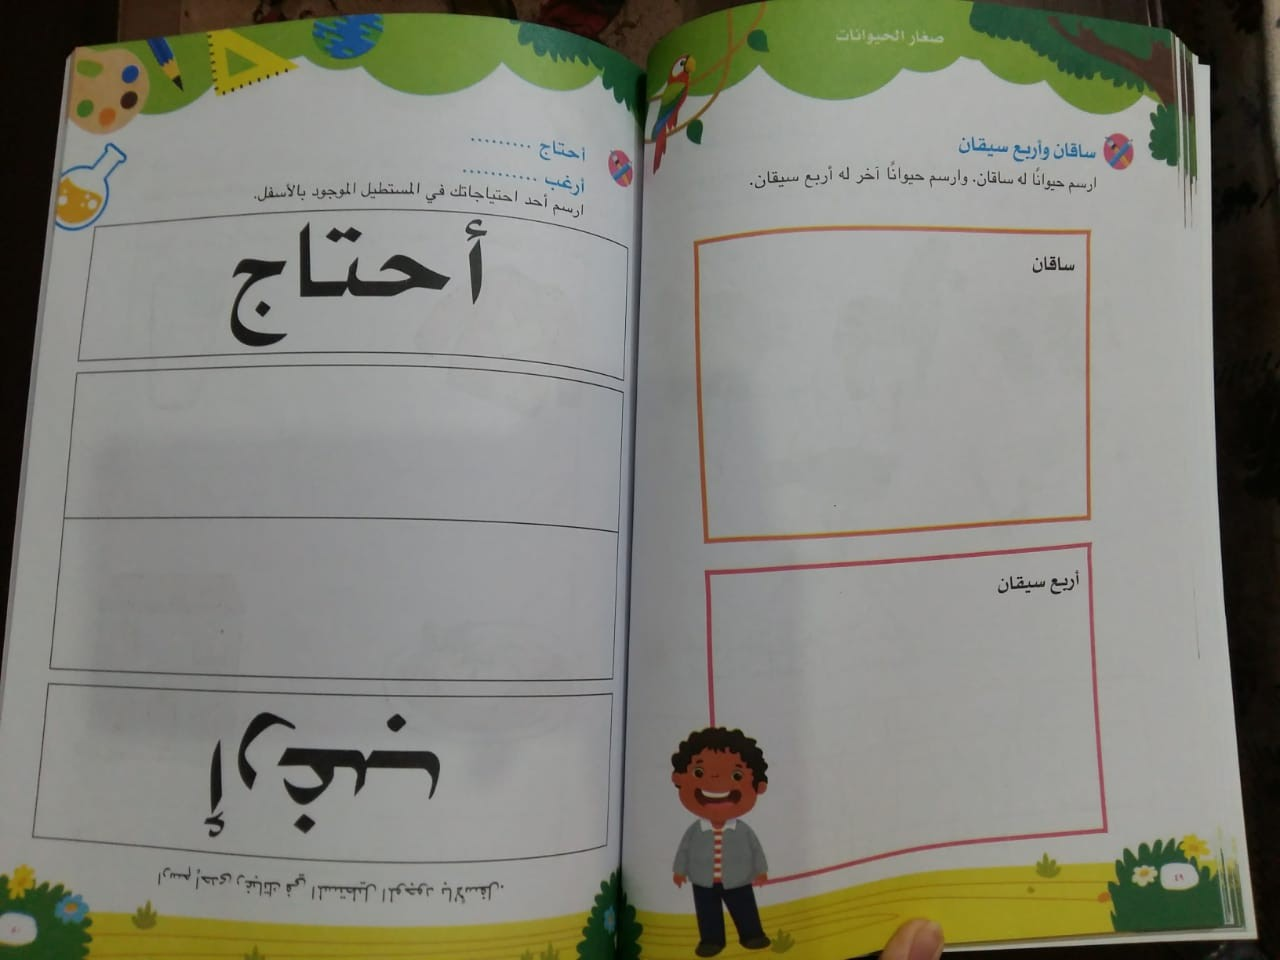 منهج رياض الأطفال الجديد (50)